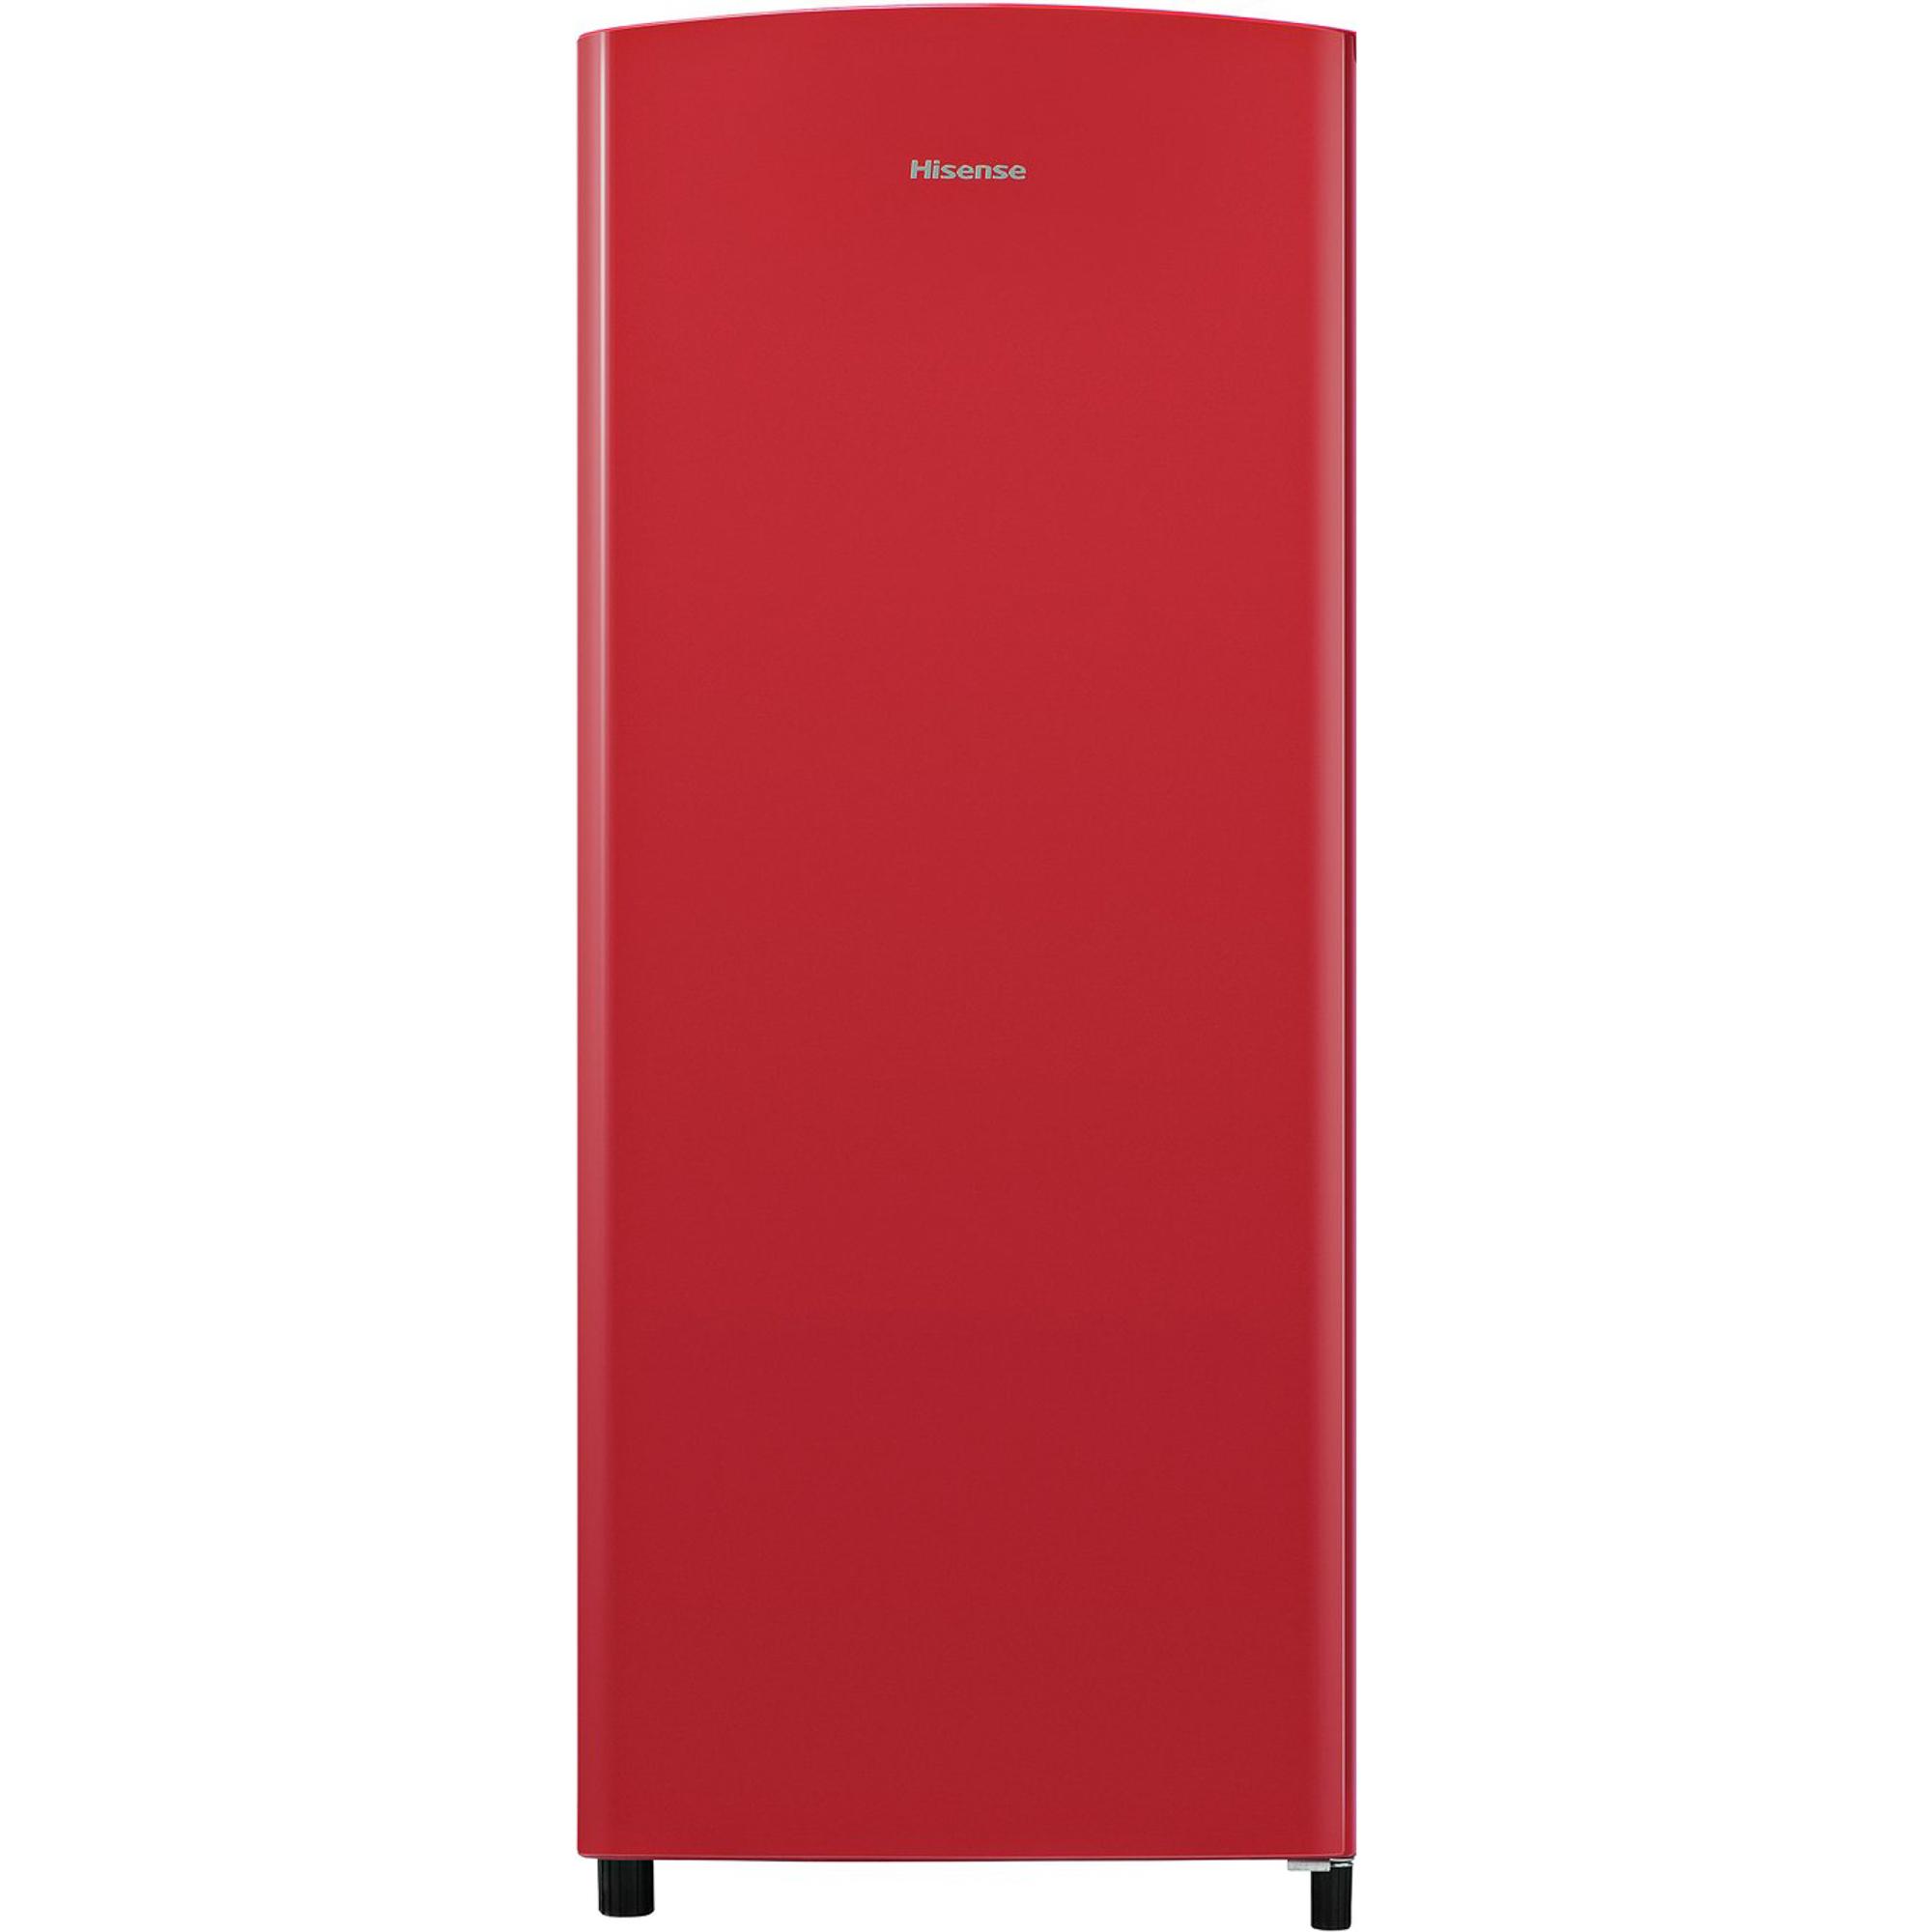 Холодильник Hisense RR220D4AR2 холодильник hisense rq 81wc4sac